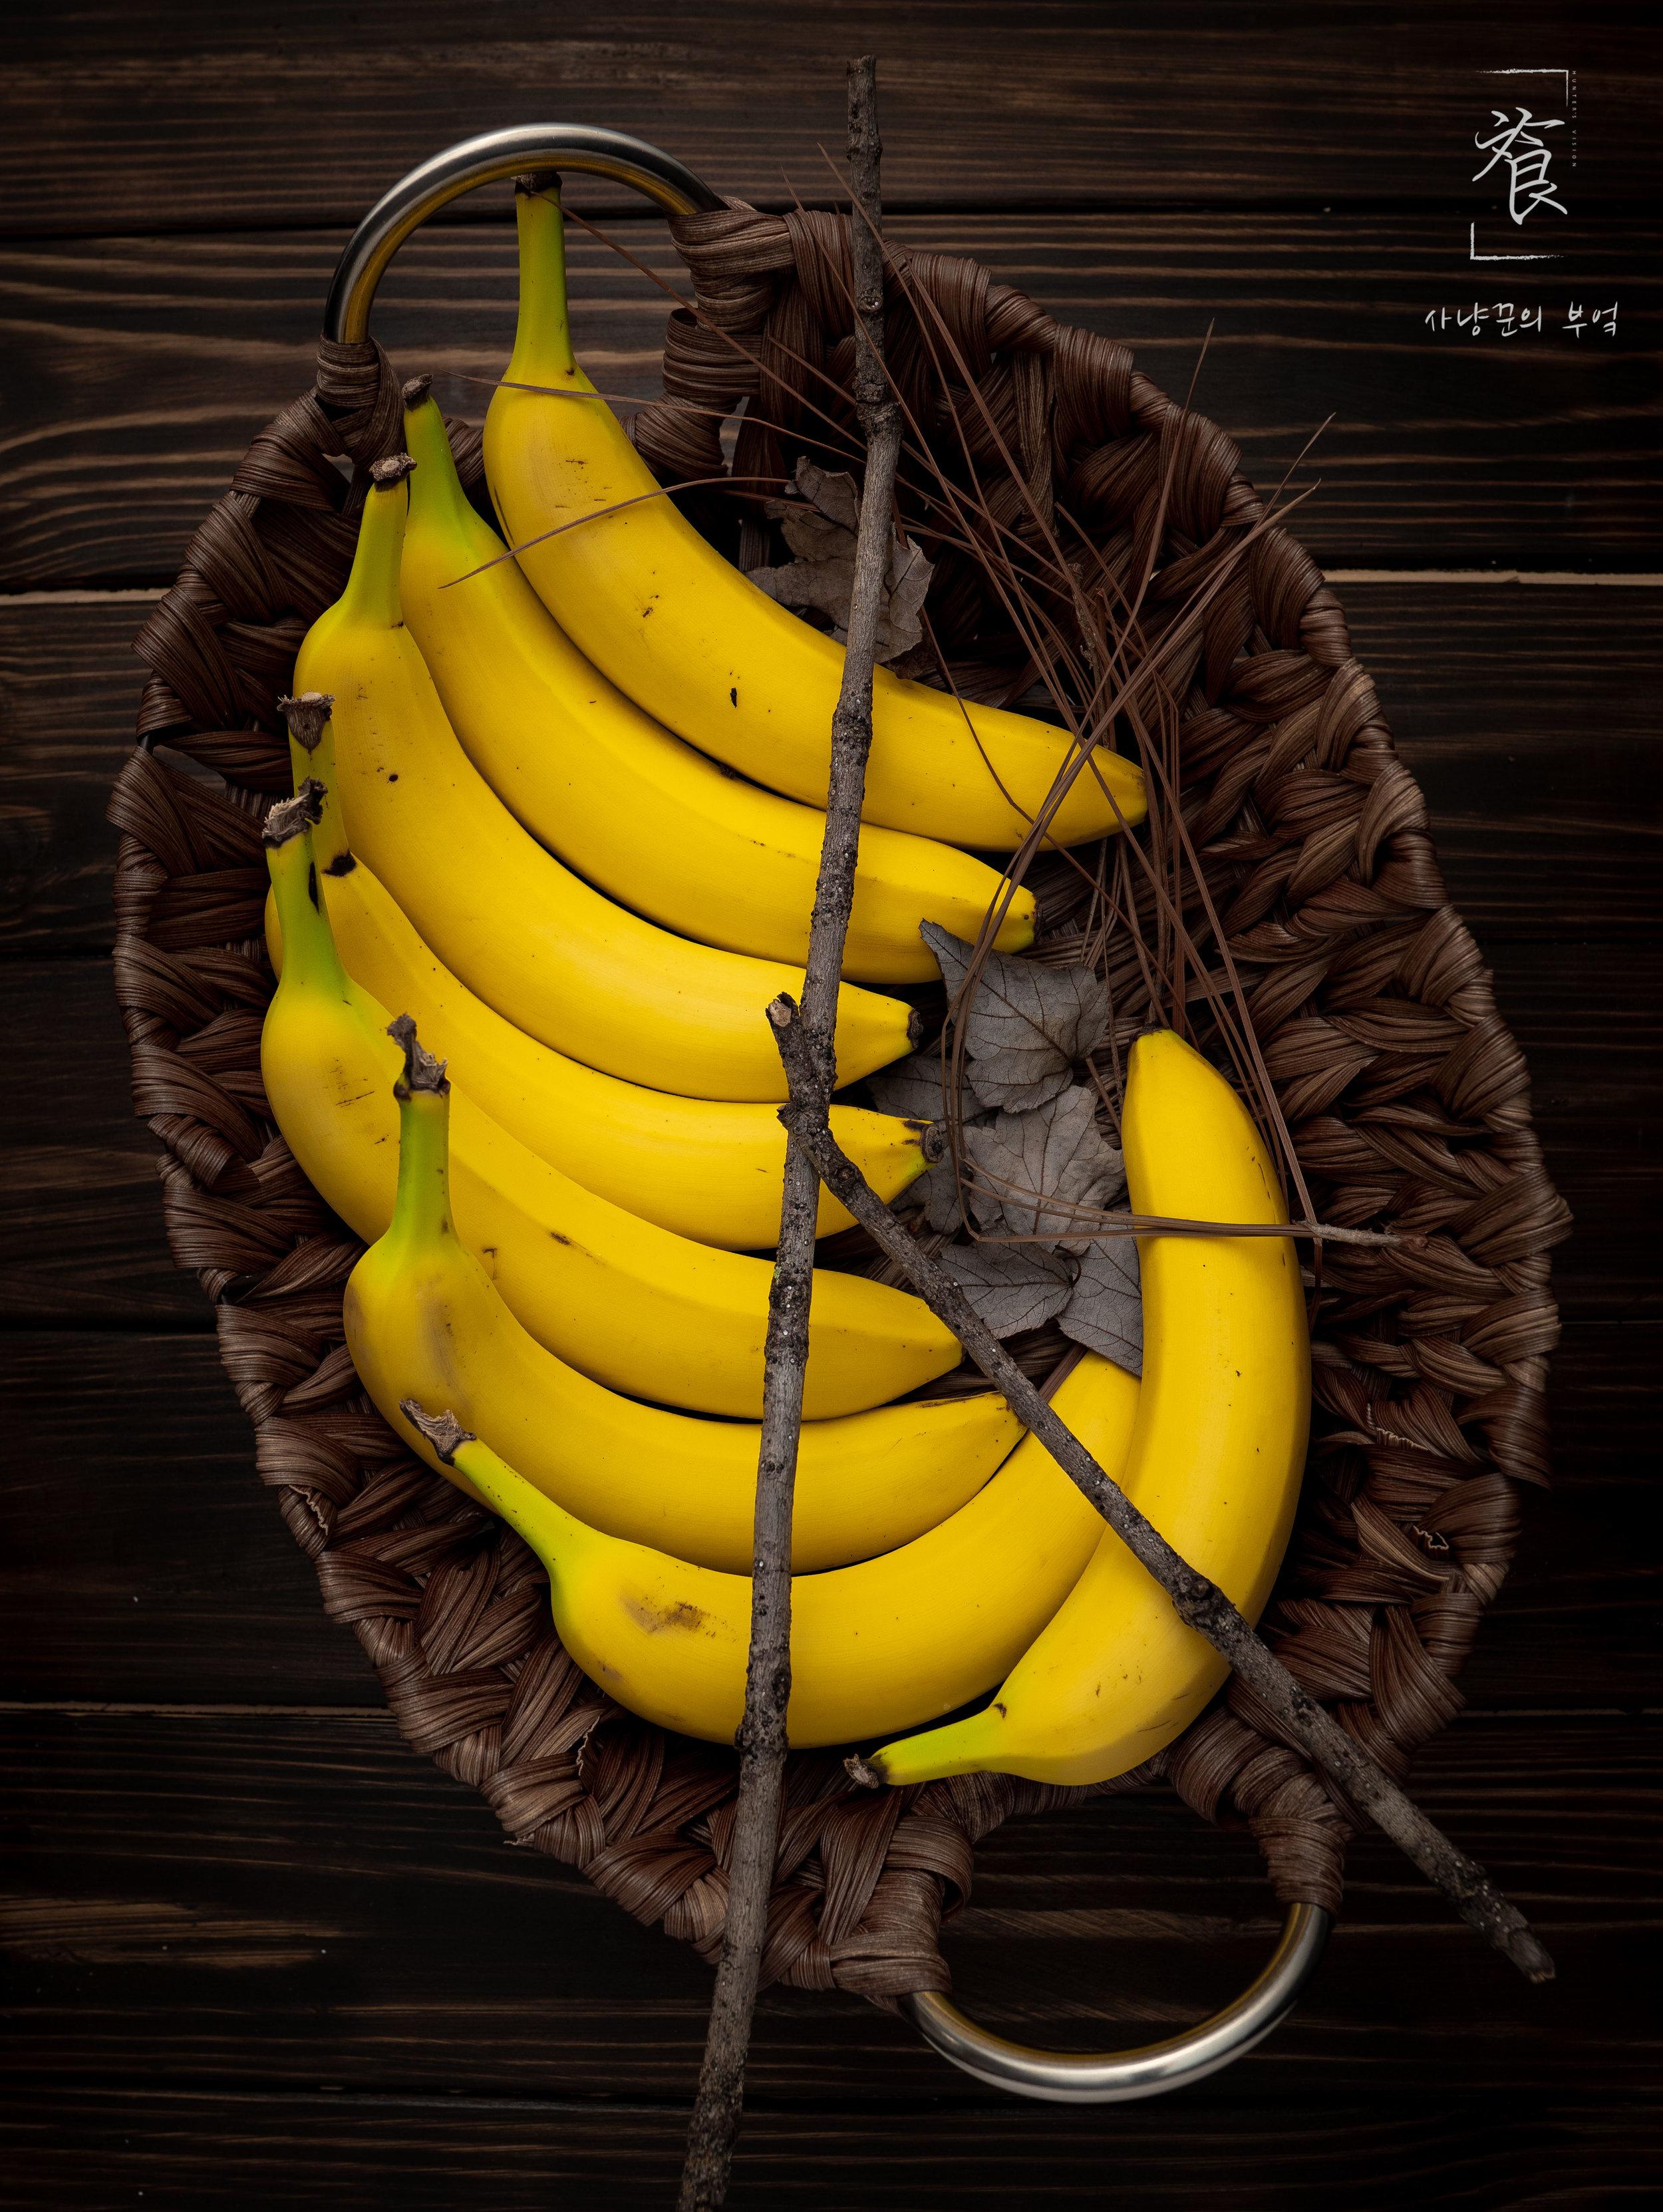 Banana-in-basket3.jpg